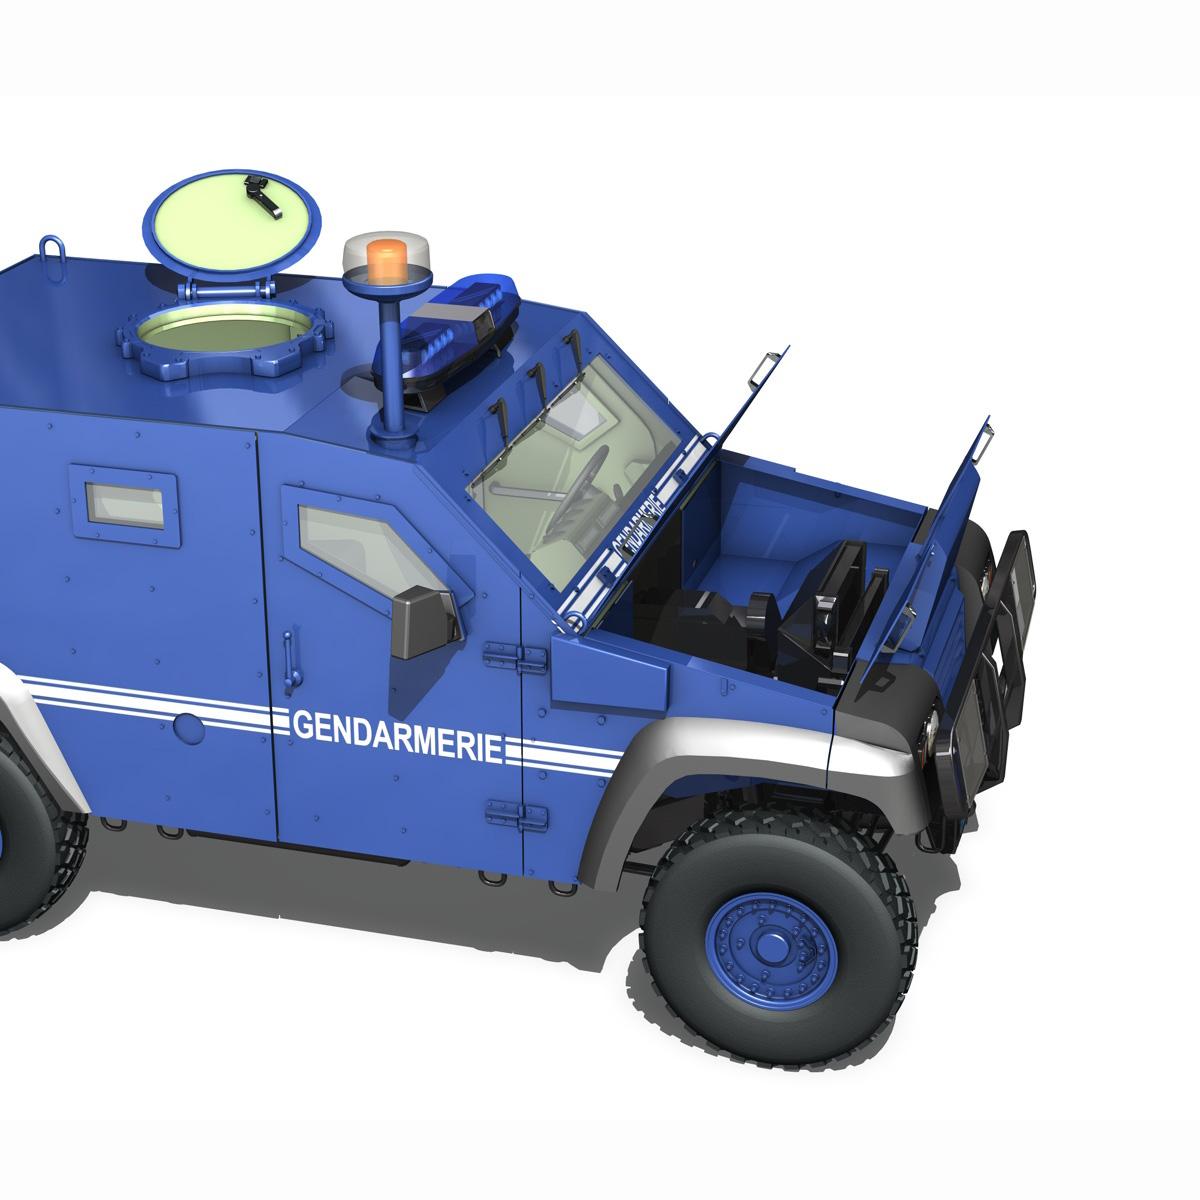 auverland panhard pvp – gendarmerie 3d model 3ds fbx c4d lwo obj 190073